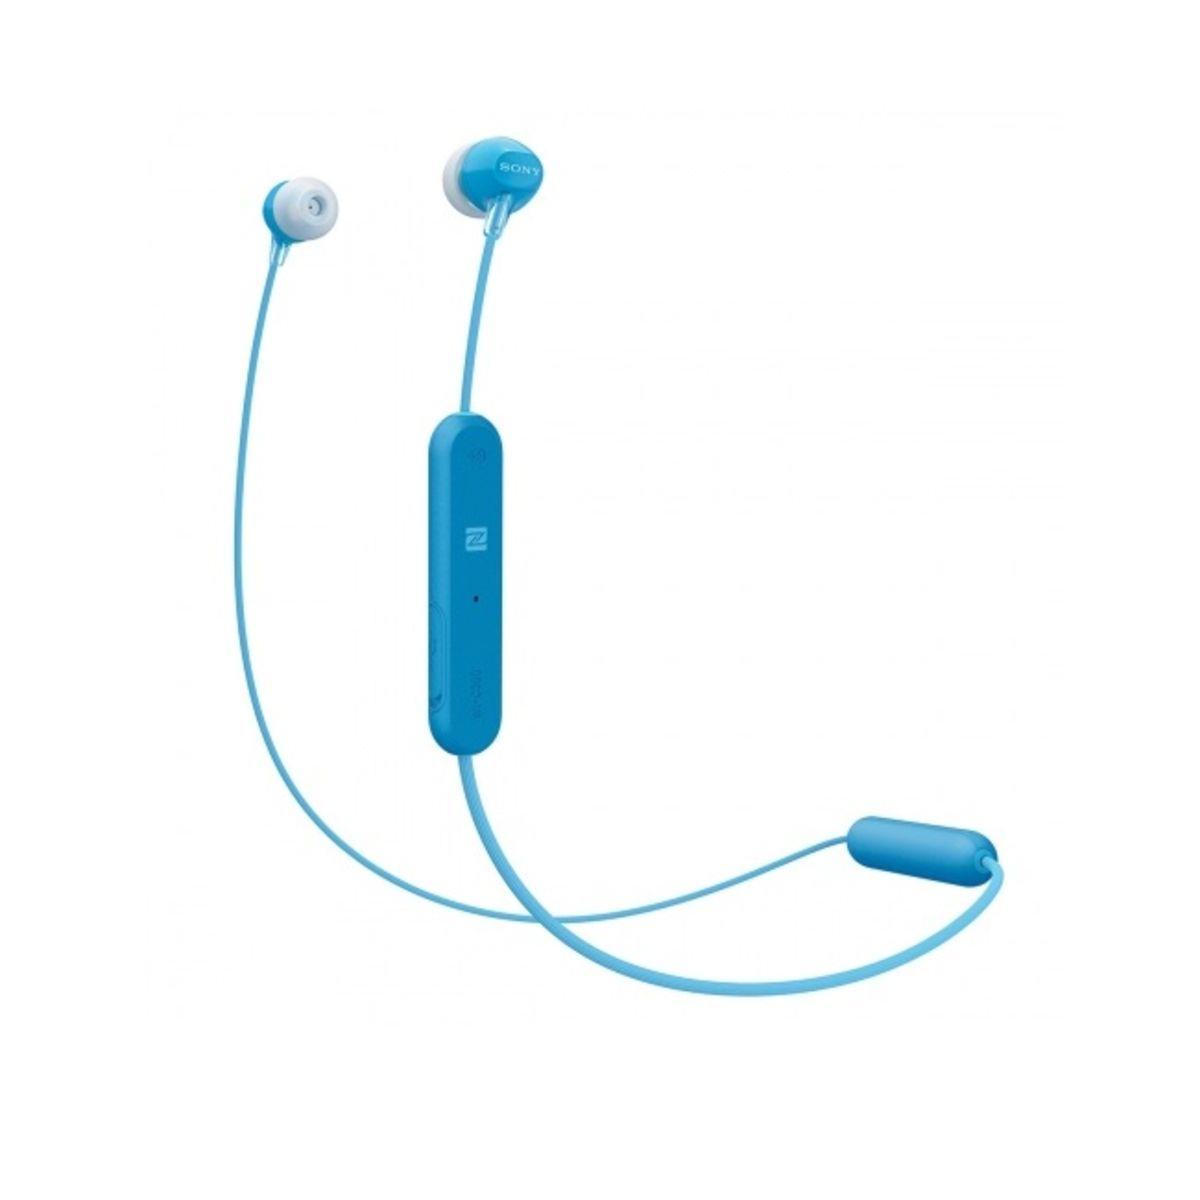 Ecouteurs - WIC-300 - Bleu